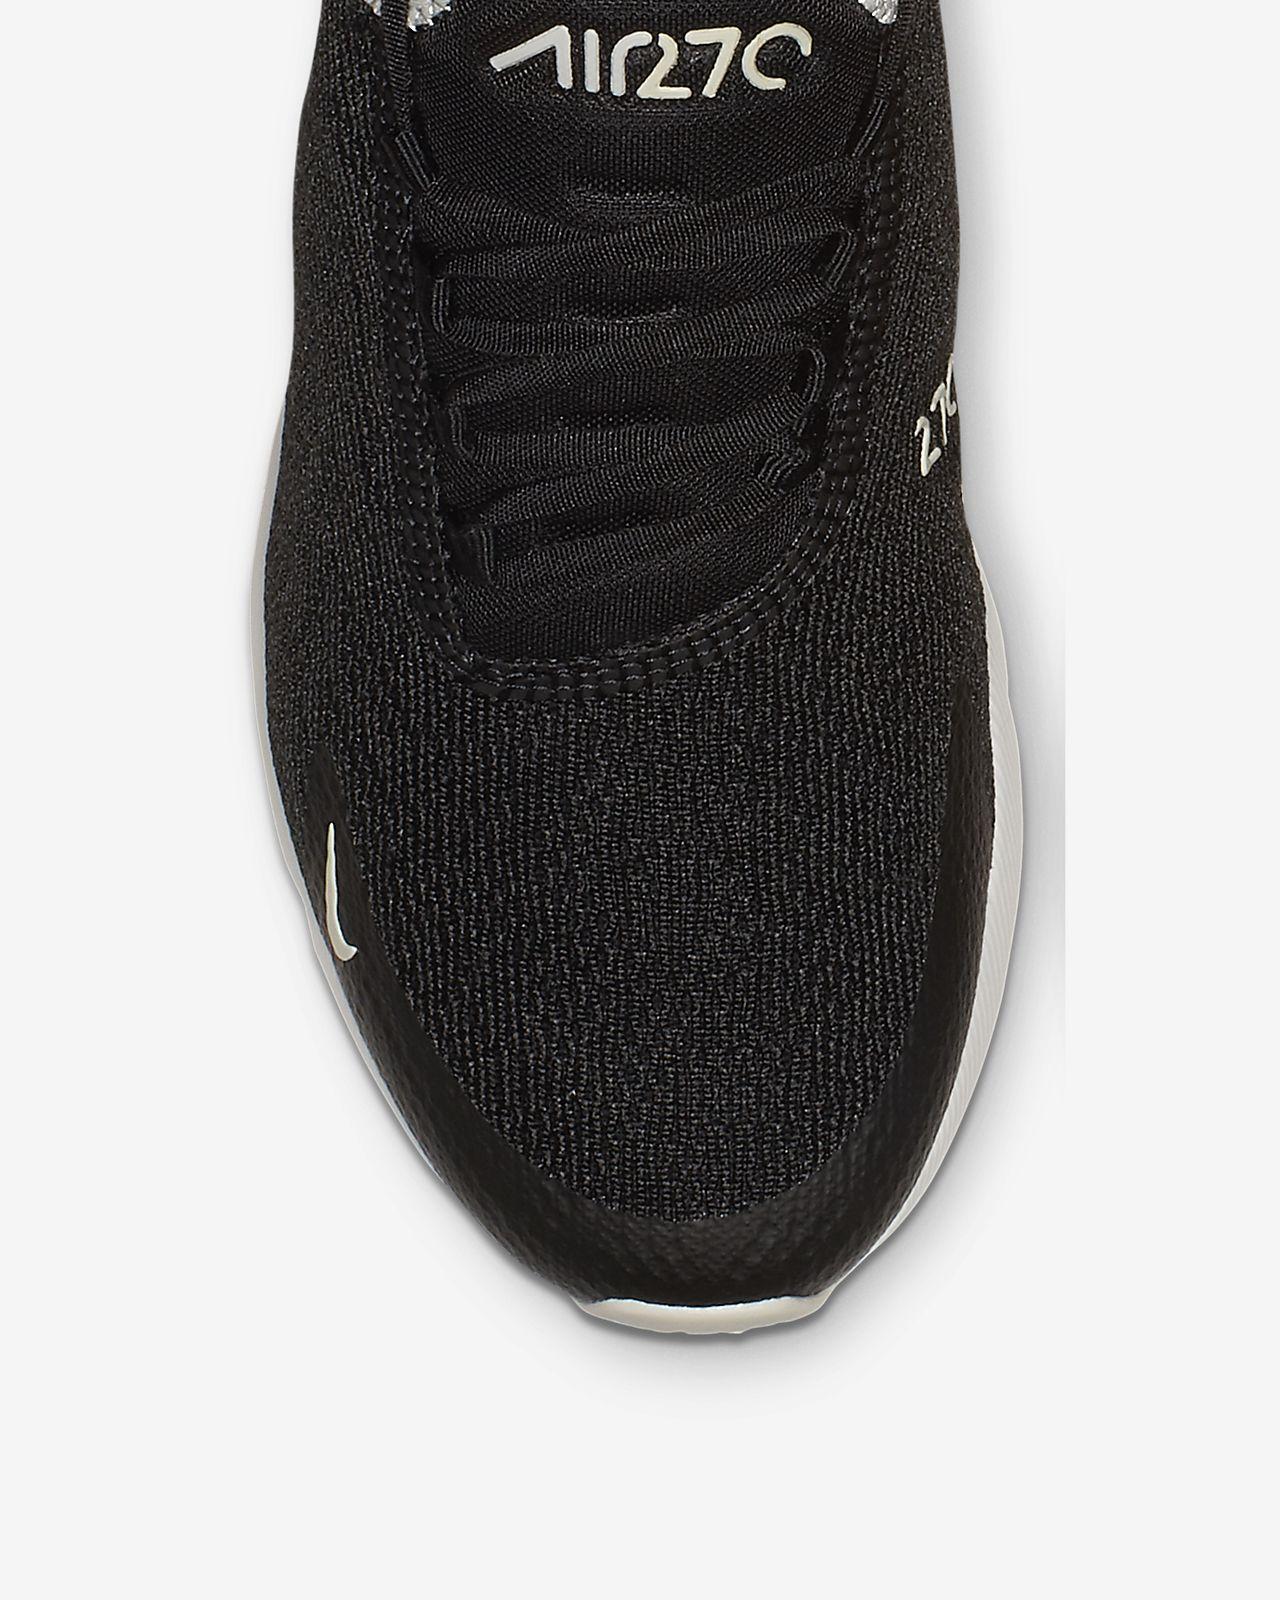 finest selection 639a9 faa1b ... Calzado para mujer Nike Air Max 270